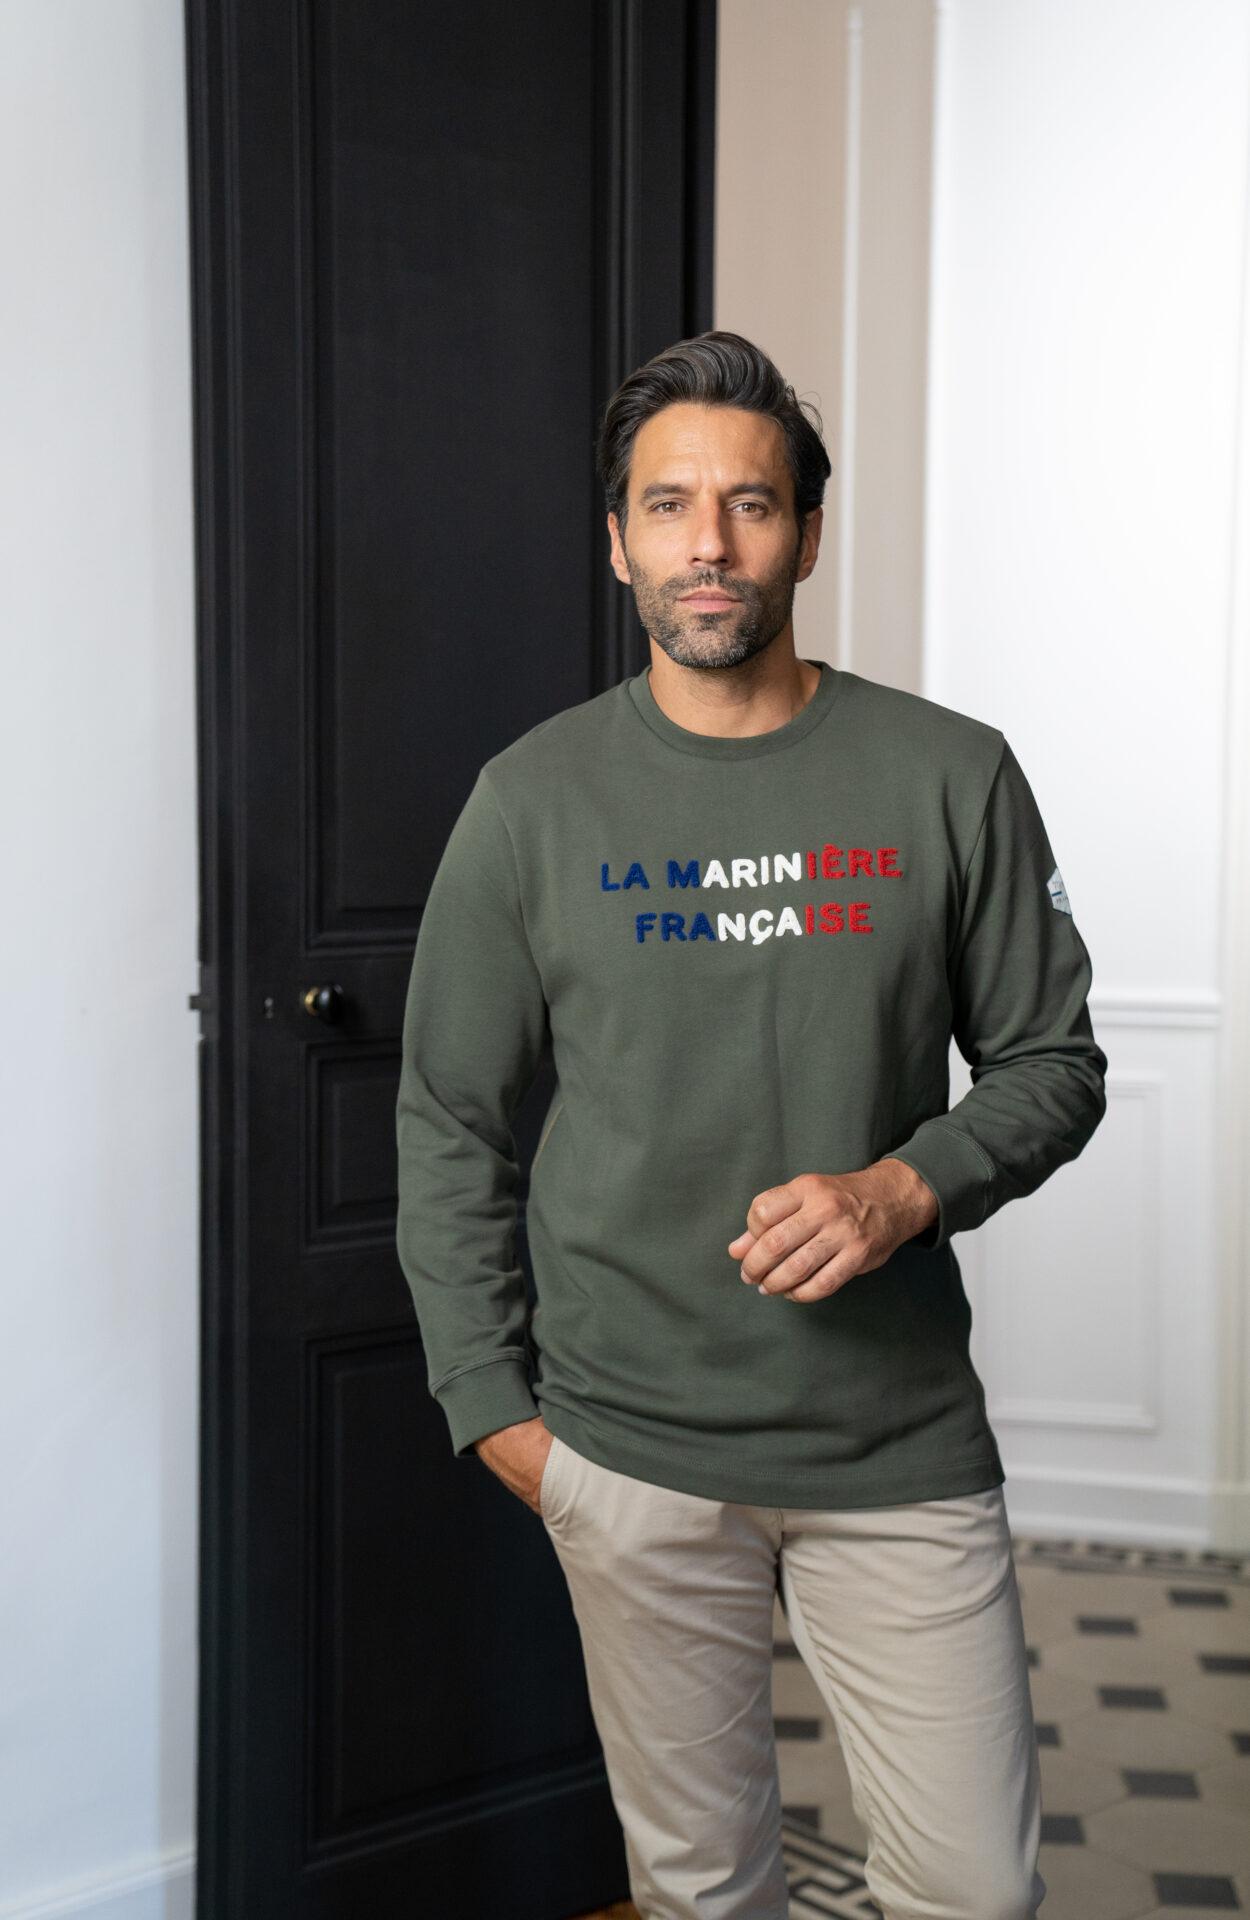 Sweatshirt tendance homme